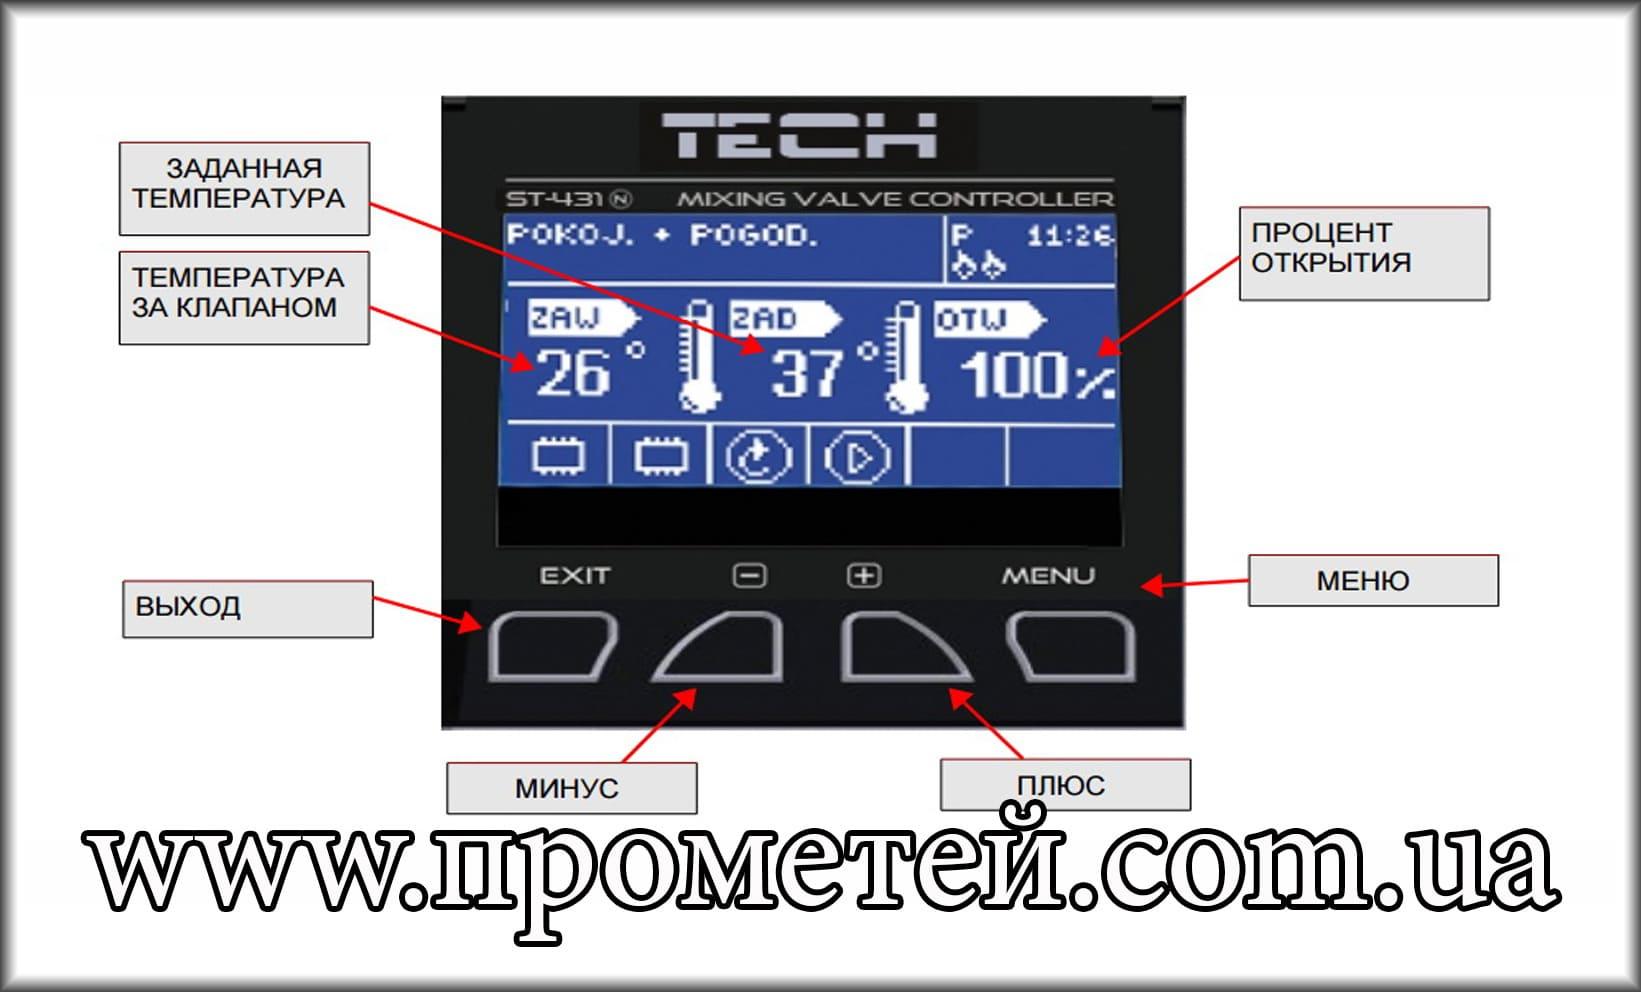 Лицевая панель модуля  Теч СТ 430